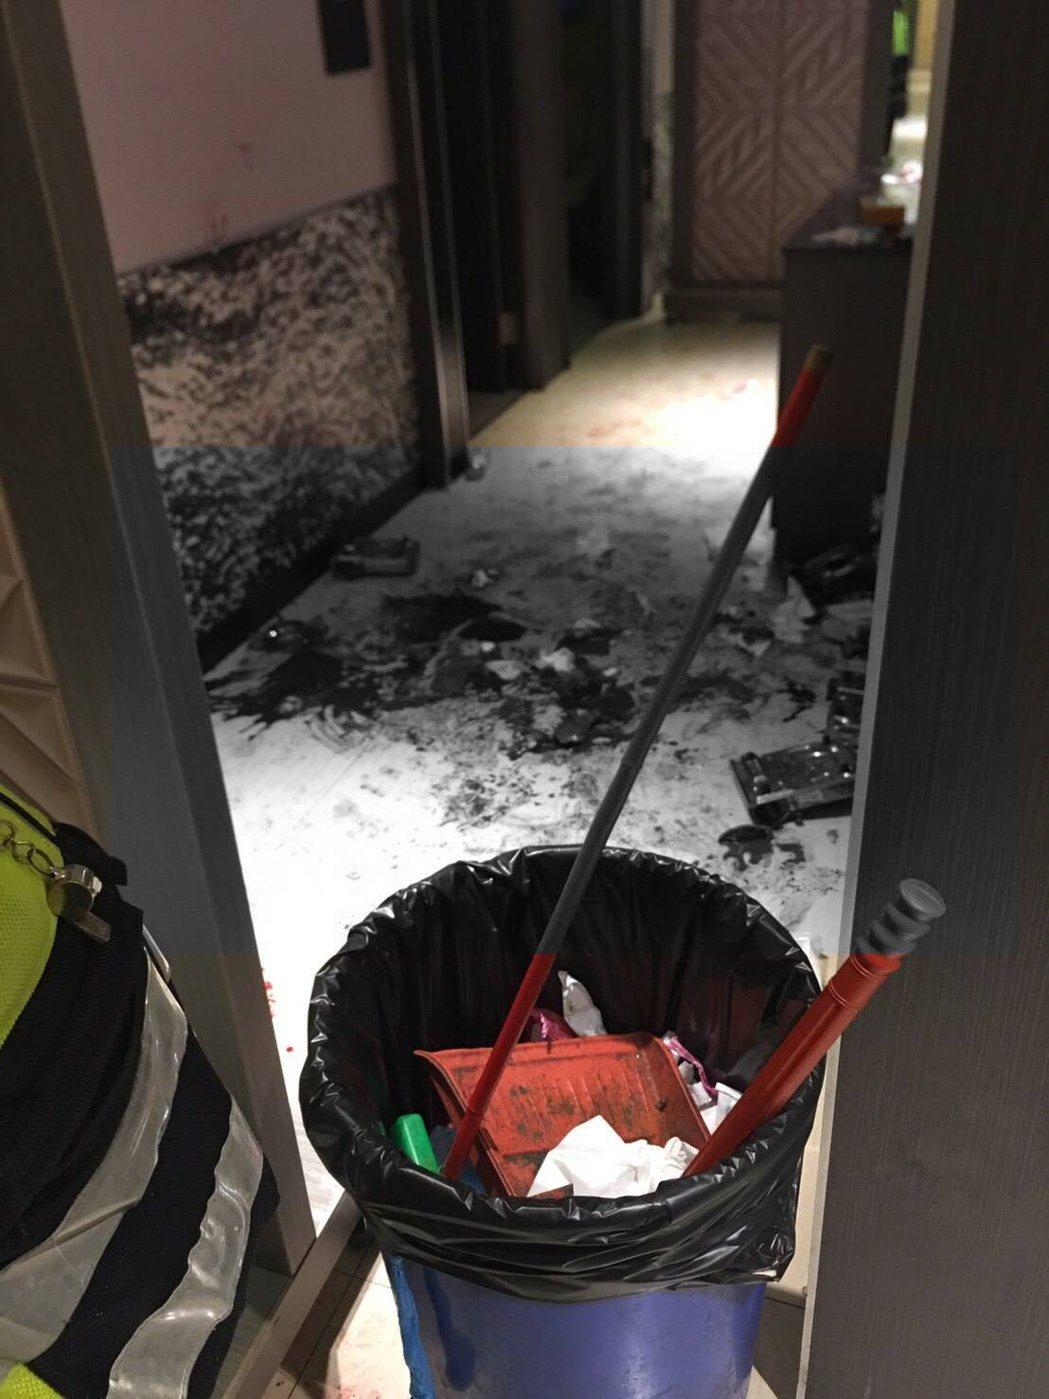 台東市享溫馨KTV今天凌晨1點多發生流血衝突,現場遺留大片鮮血。圖/讀者提供